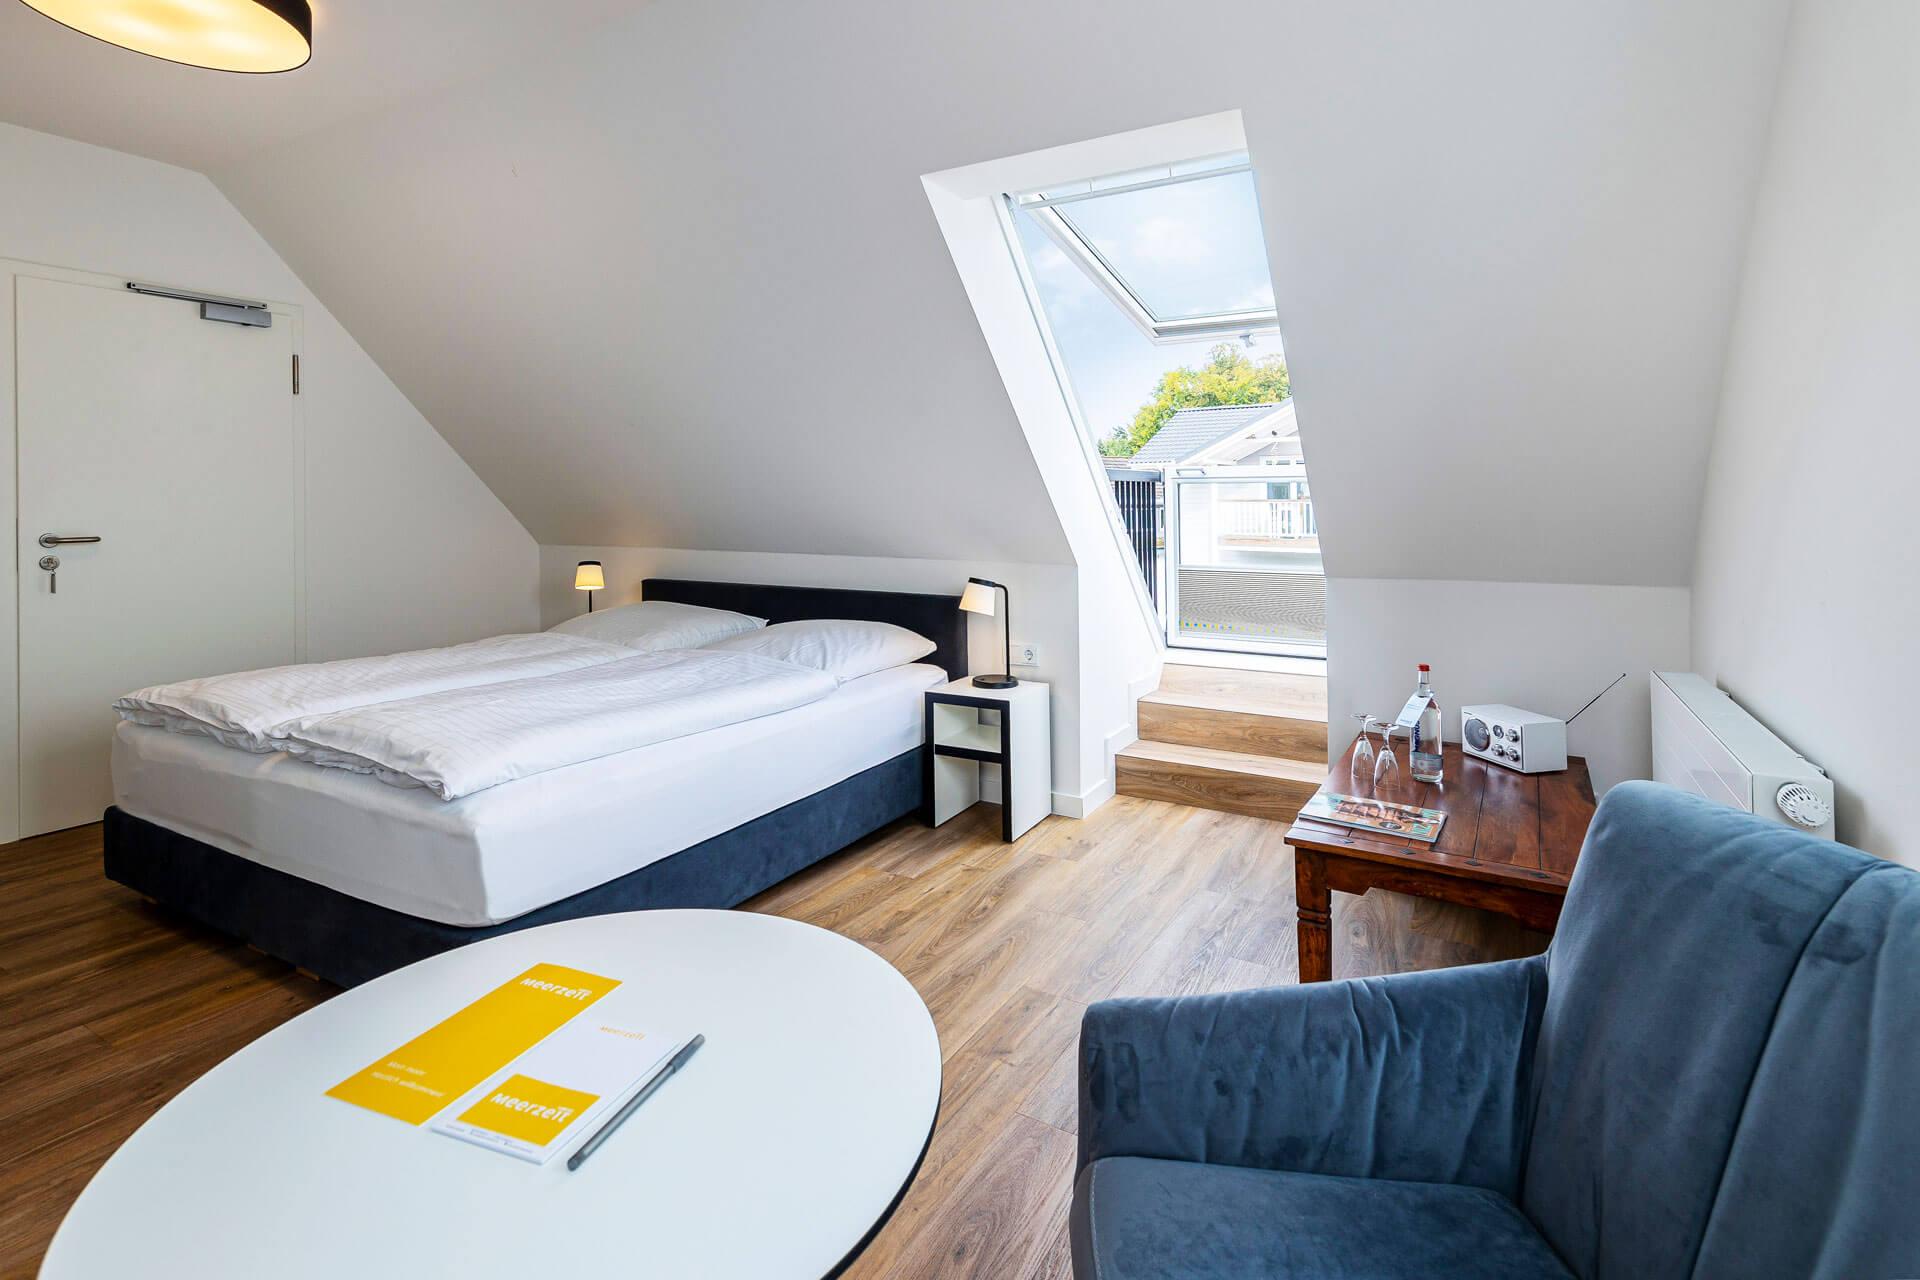 Hotel-Meerzeit-Doppelzimmer Deluxe_2